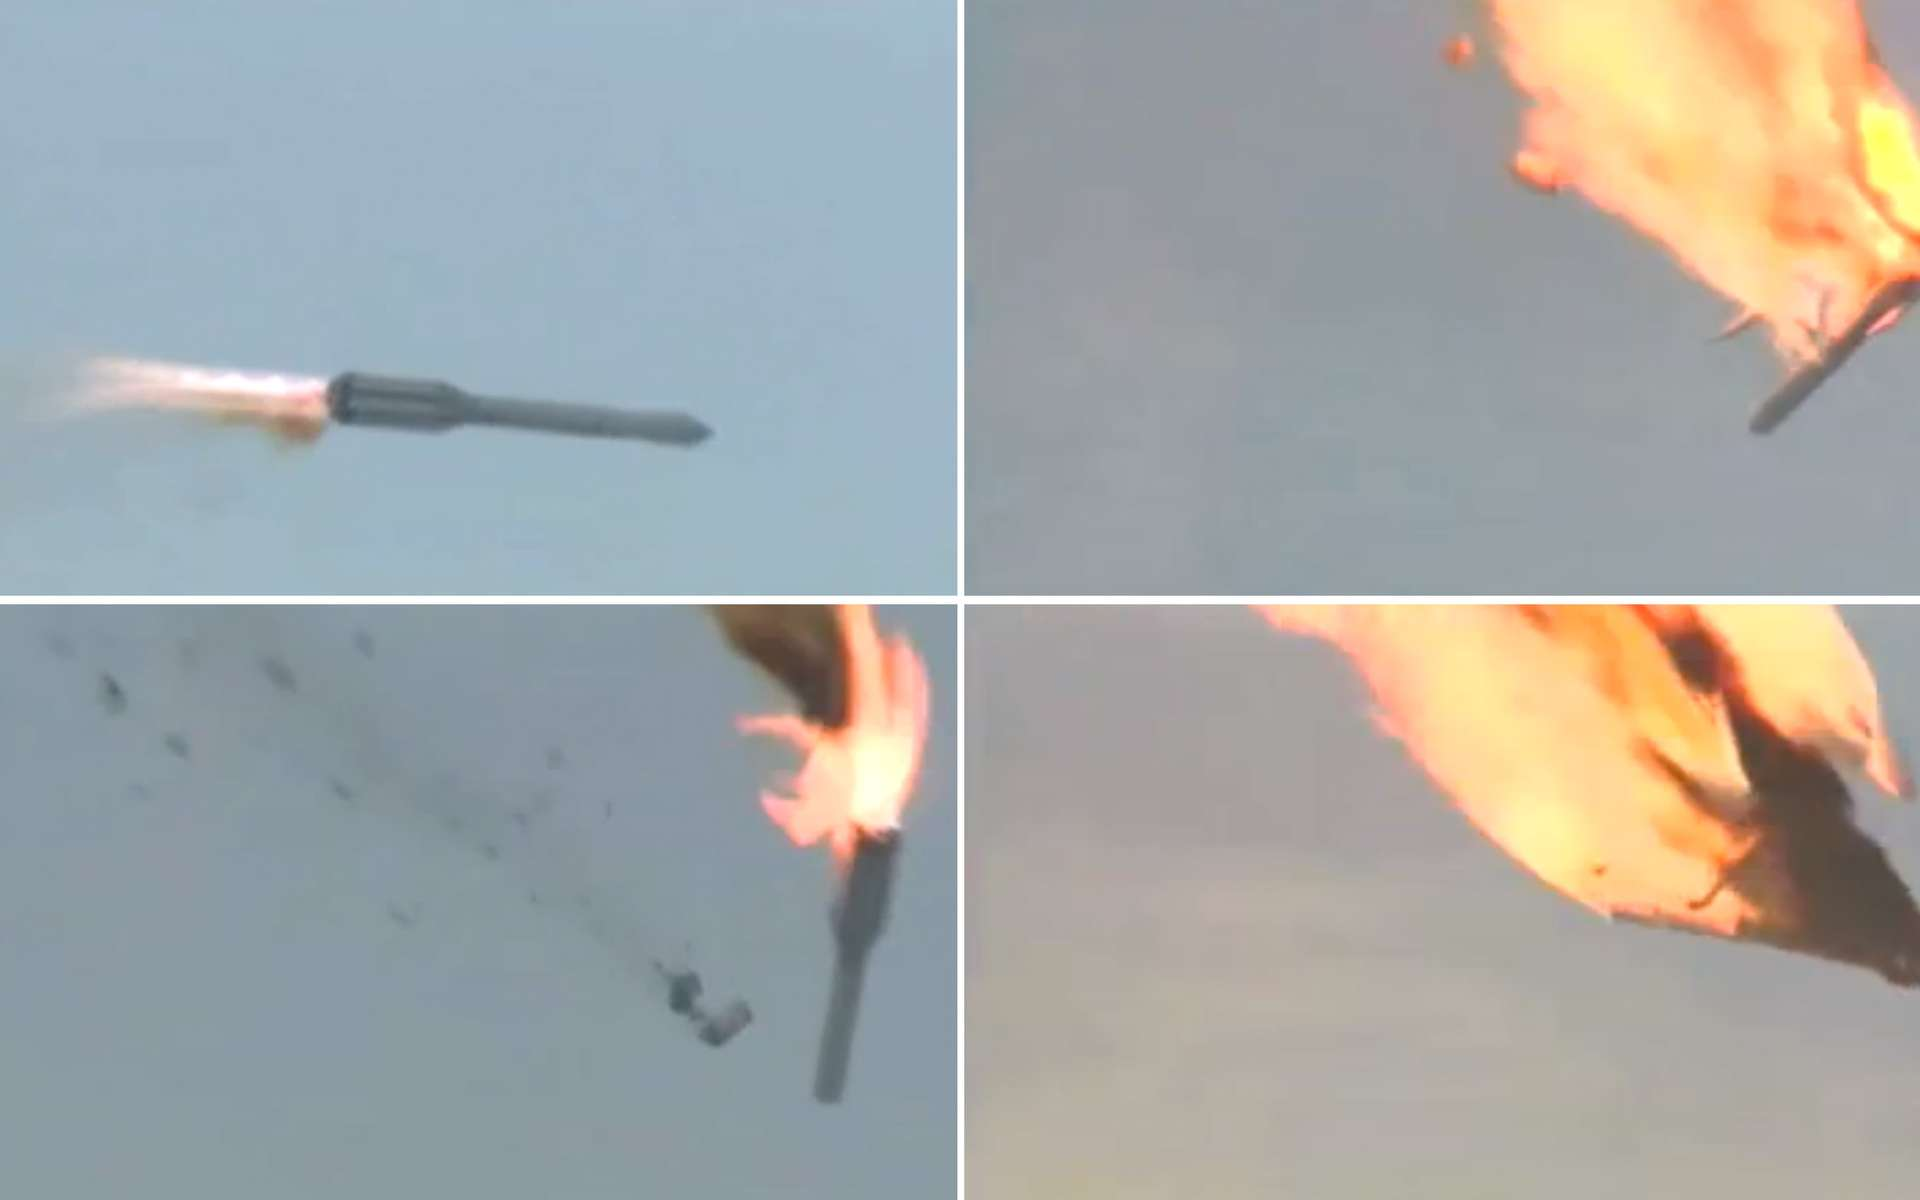 Le 2 juillet 2013, le lanceur Proton-M a quitté sa trajectoire et la partie supérieure s'est embrasée, entraînant la perte de trois satellites Glonass. Les causes de l'accident ne sont pas encore connues. © Roscosmos, YouTube